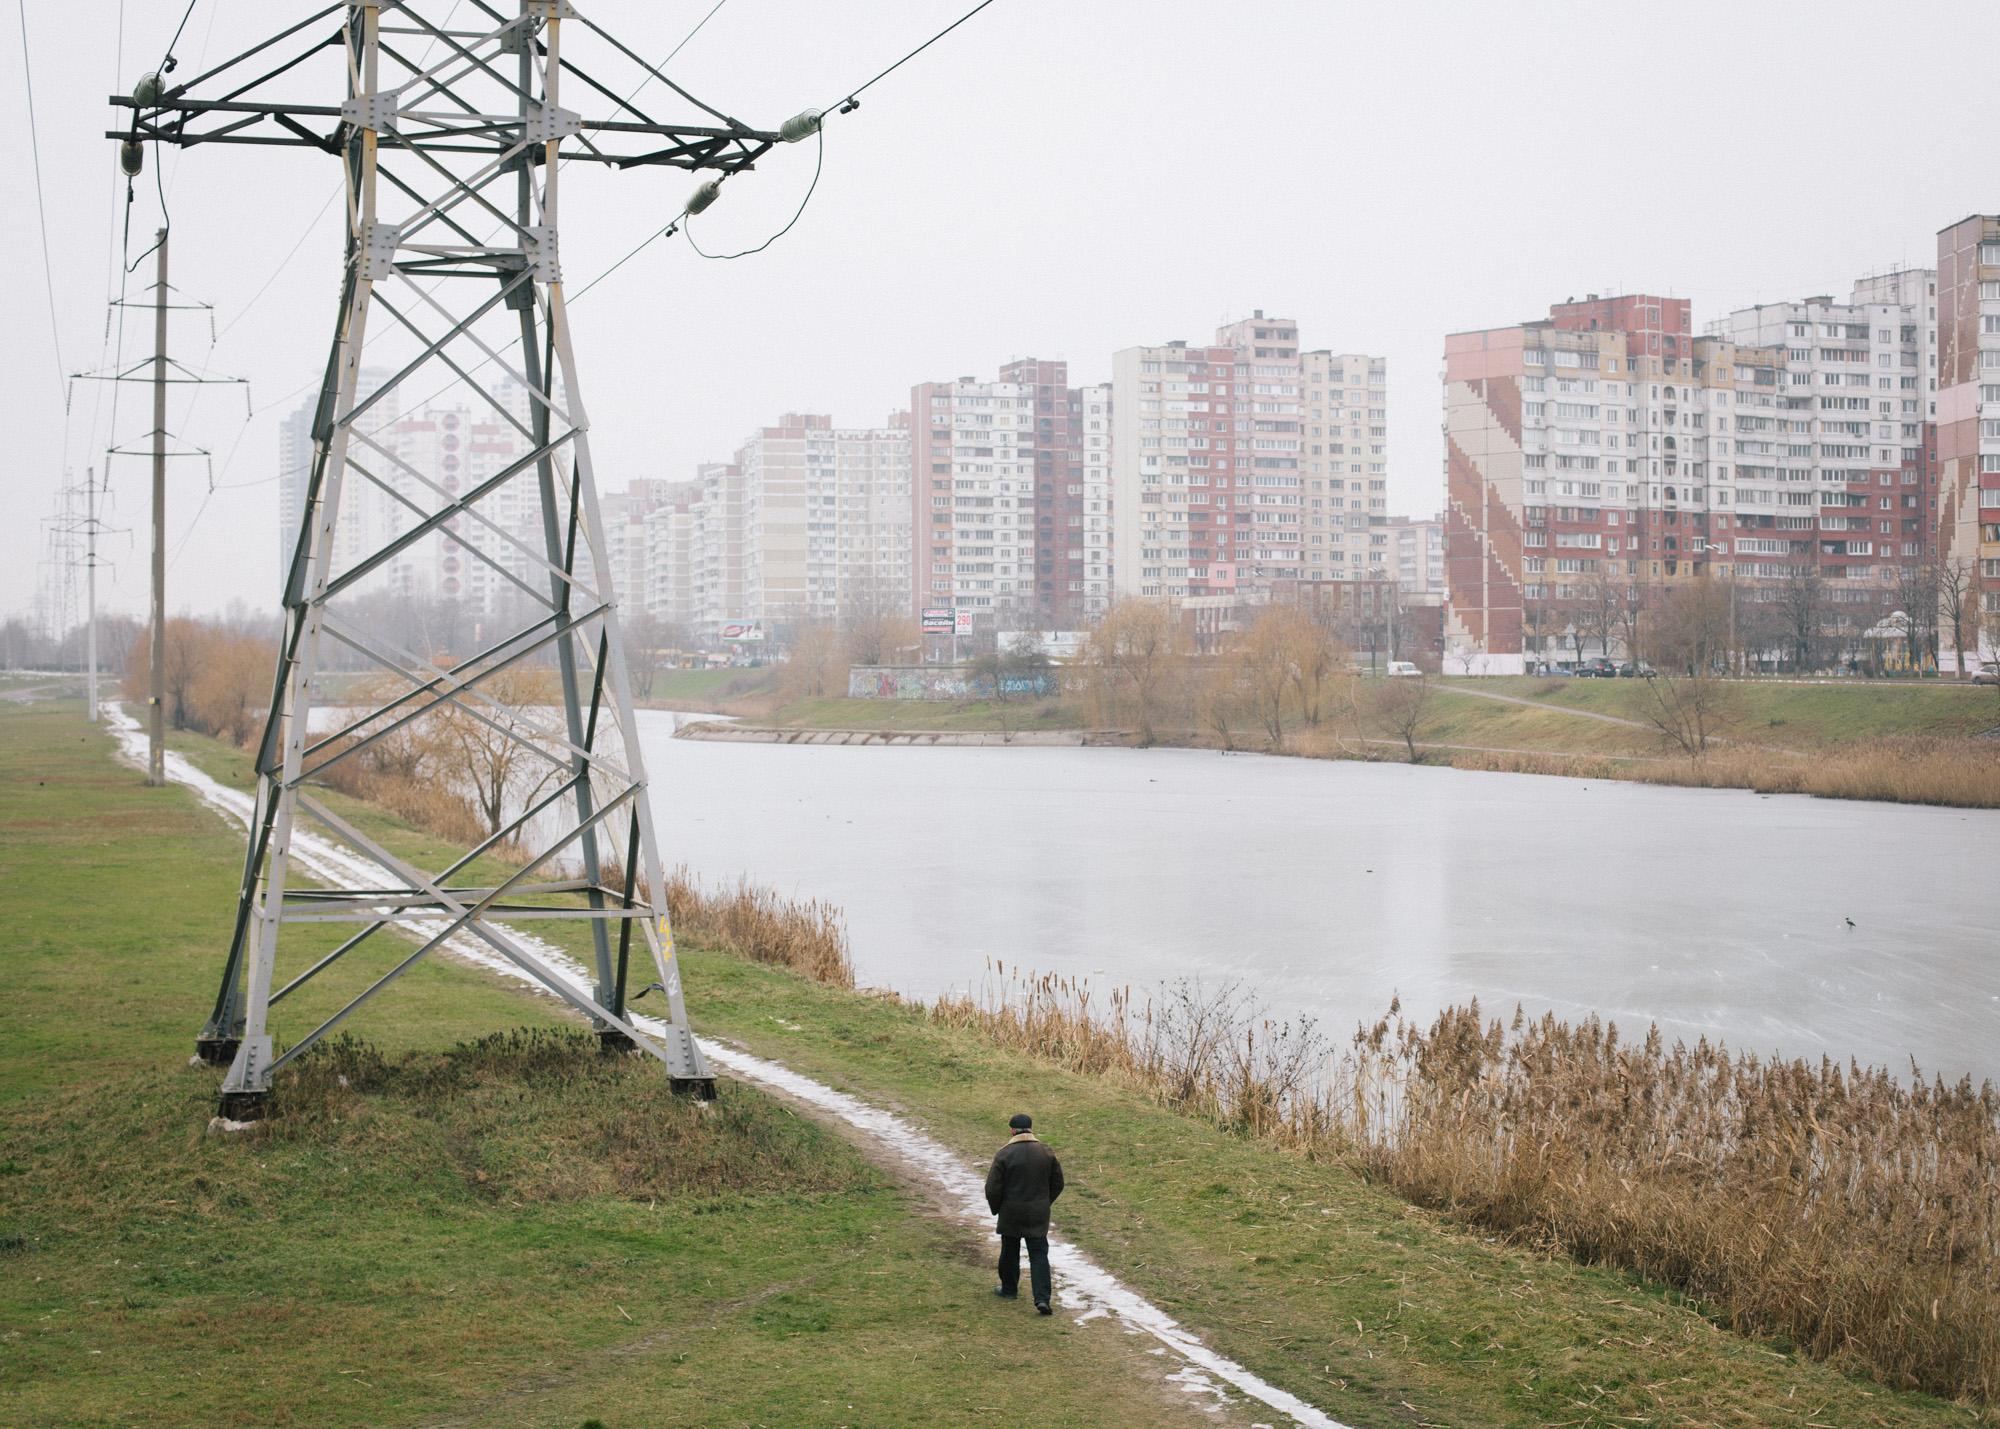 RS_KYIV_12_RS_KIEV_01_6G9A3682.JPG